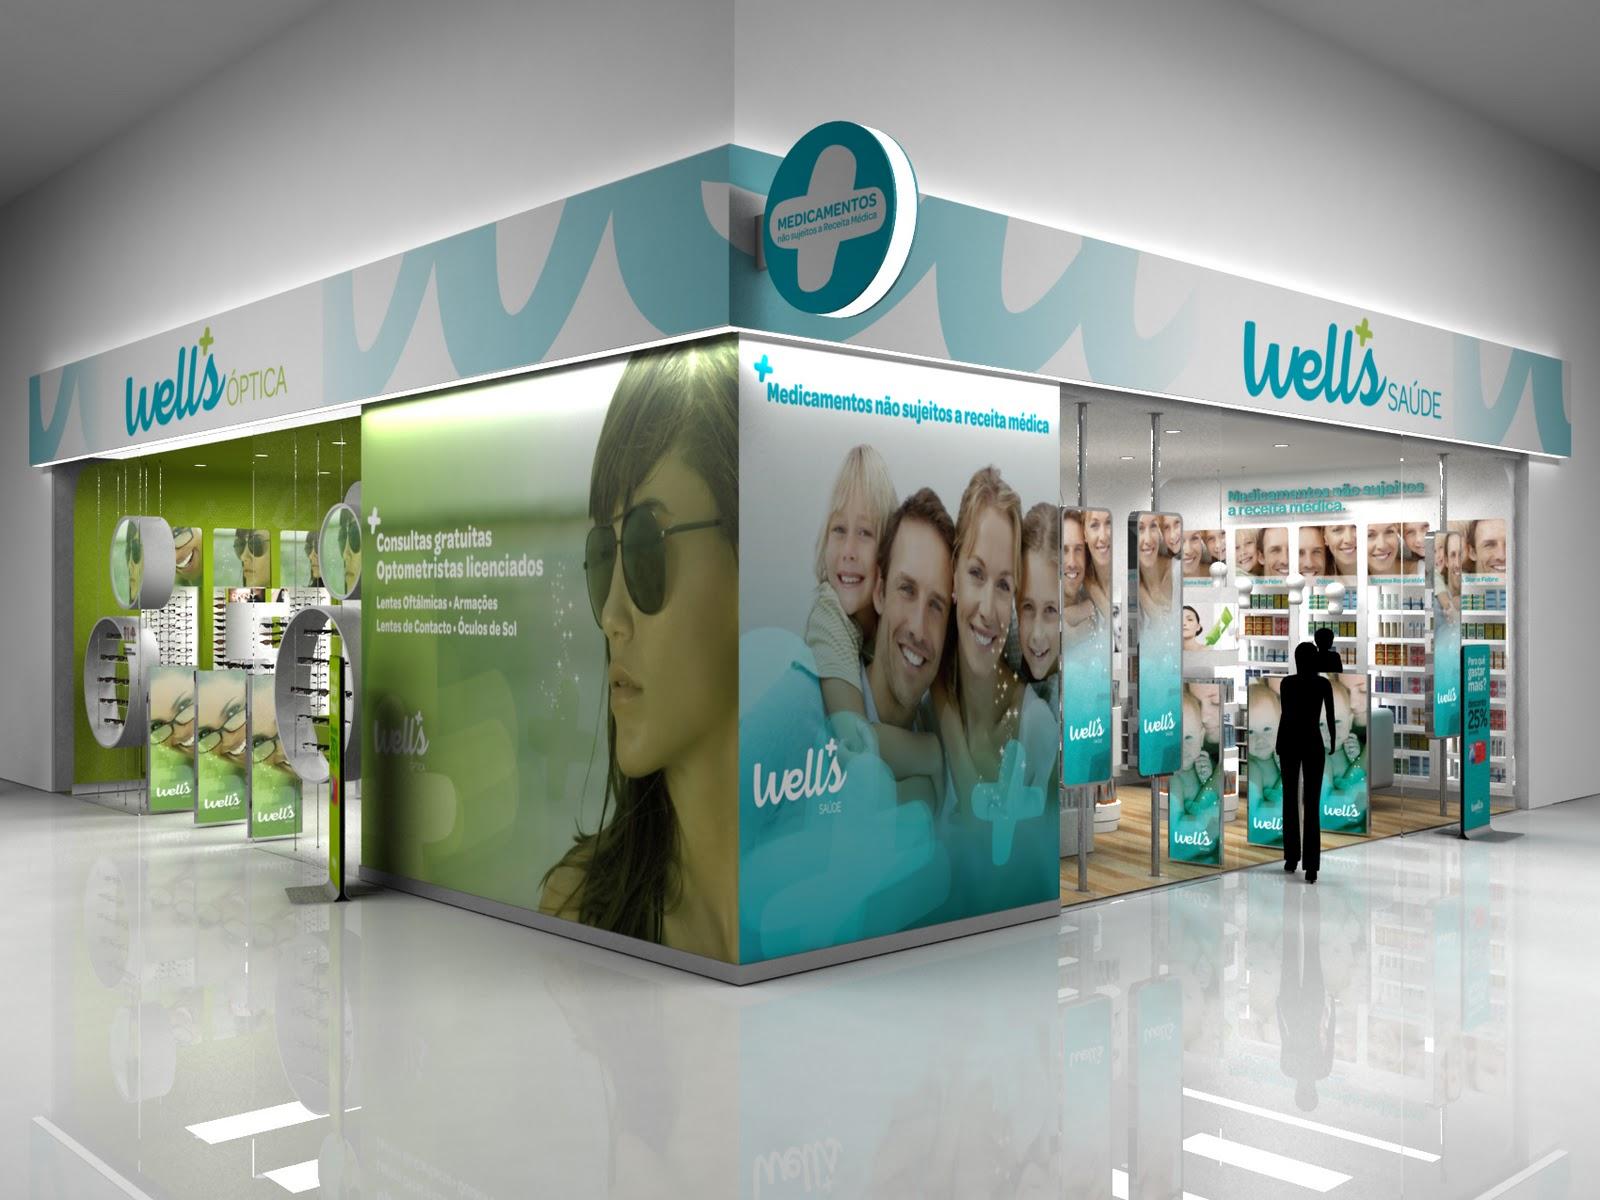 9a12014723c47 Devaneios e tretas  Artigos de farmácia sem receita é na Wells